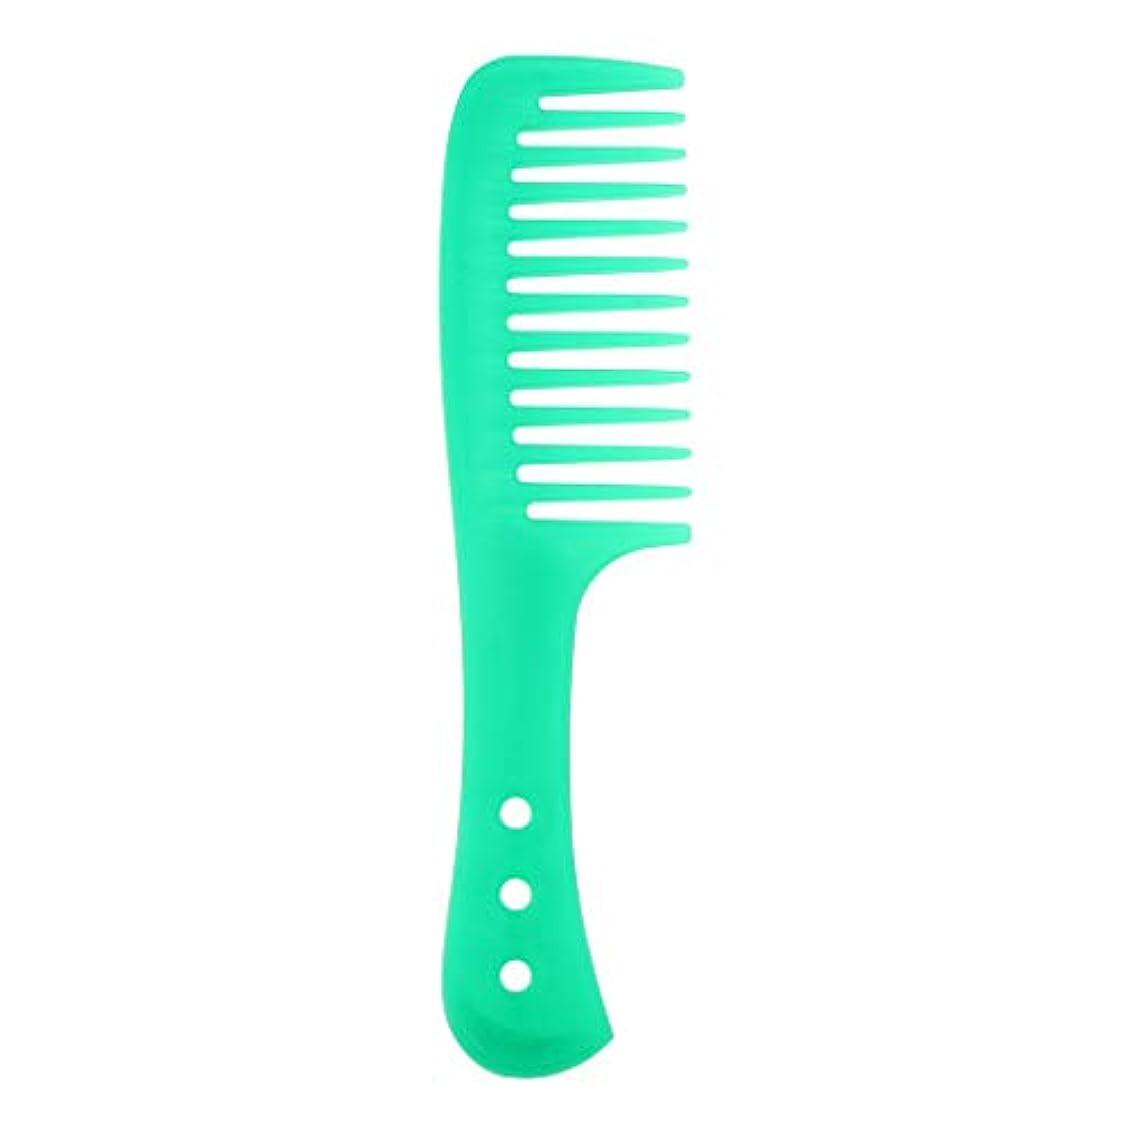 パラシュートリアル関連付けるポータブル理髪広い歯の櫛巻き毛のDetangler頭皮マッサージブラシ - 緑